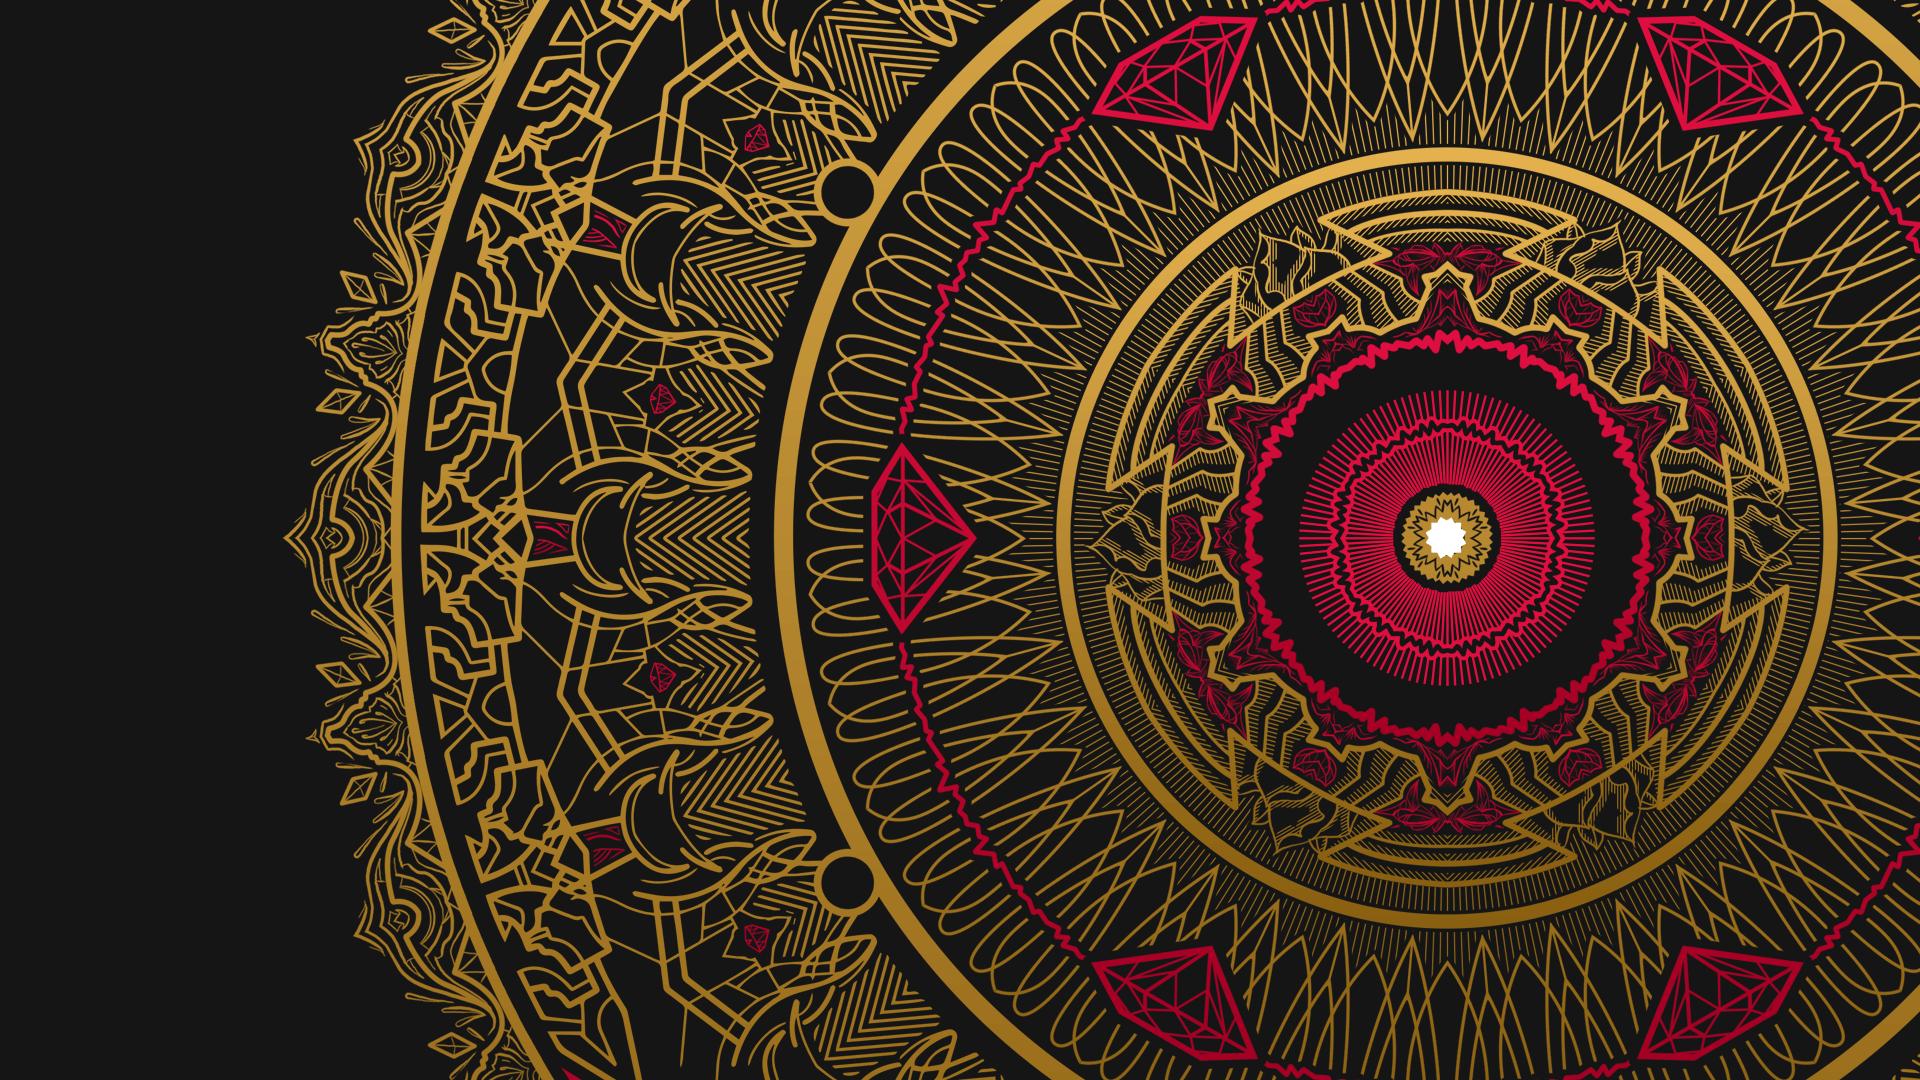 Mandala Computer Wallpaper - WallpaperSafari